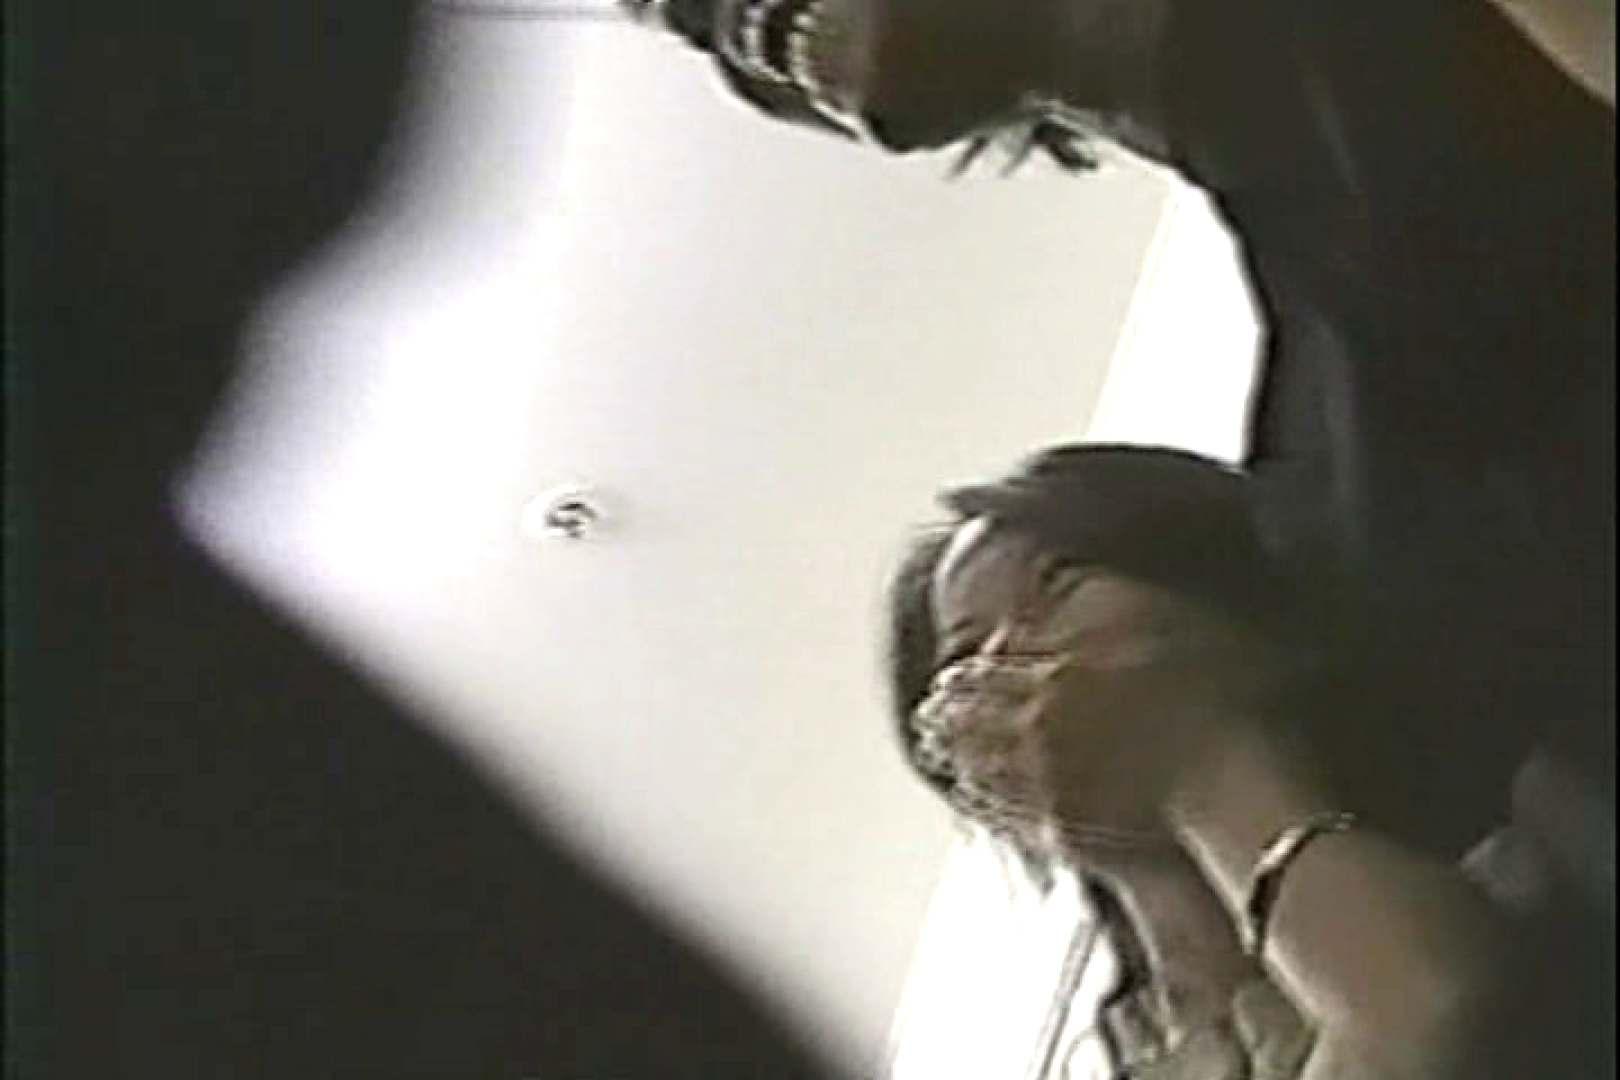 「ちくりん」さんのオリジナル未編集パンチラVol.3_02 チラ  87画像 20